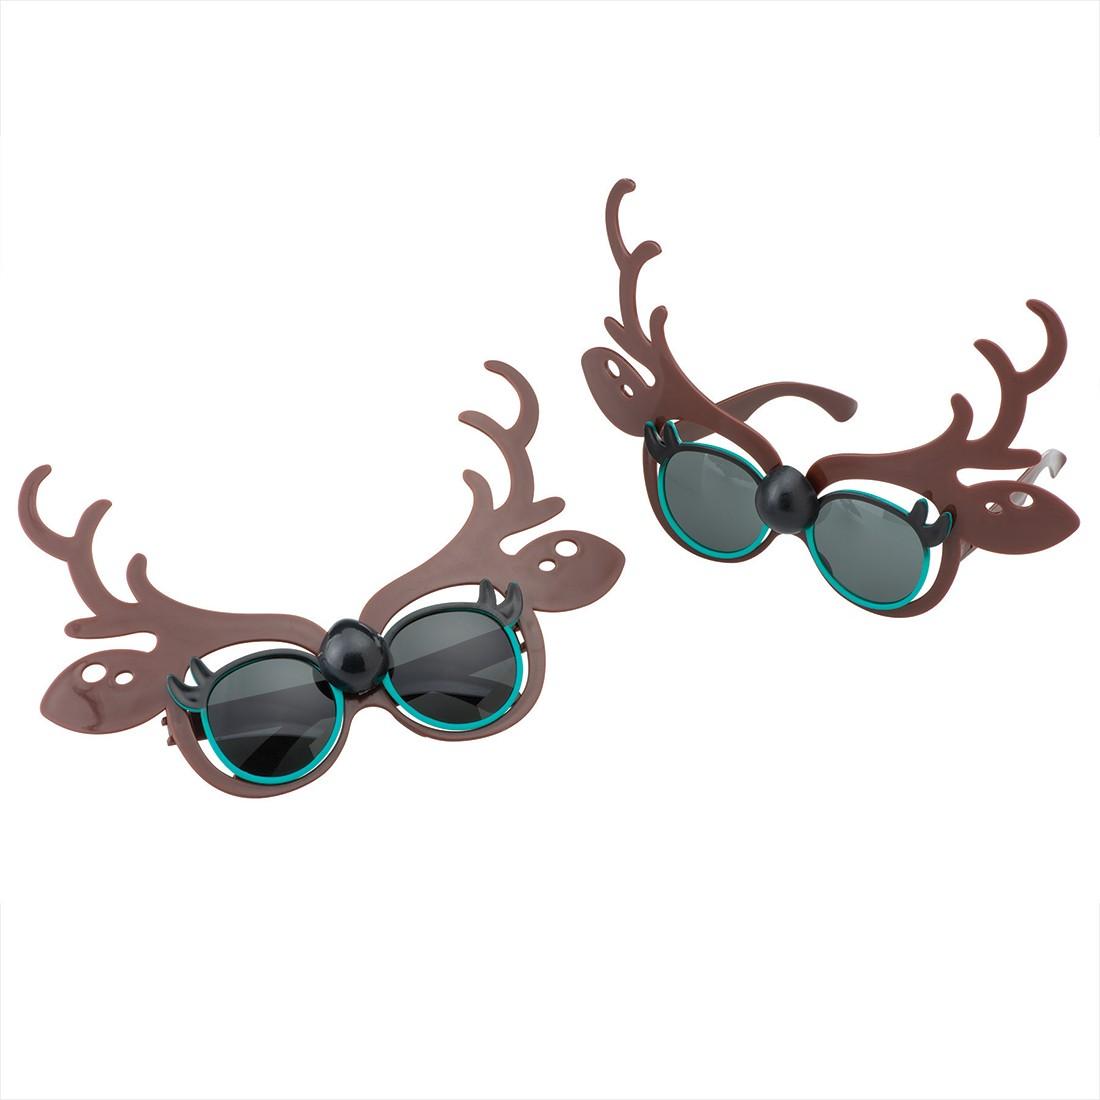 Reindeer Sunglasses [image]